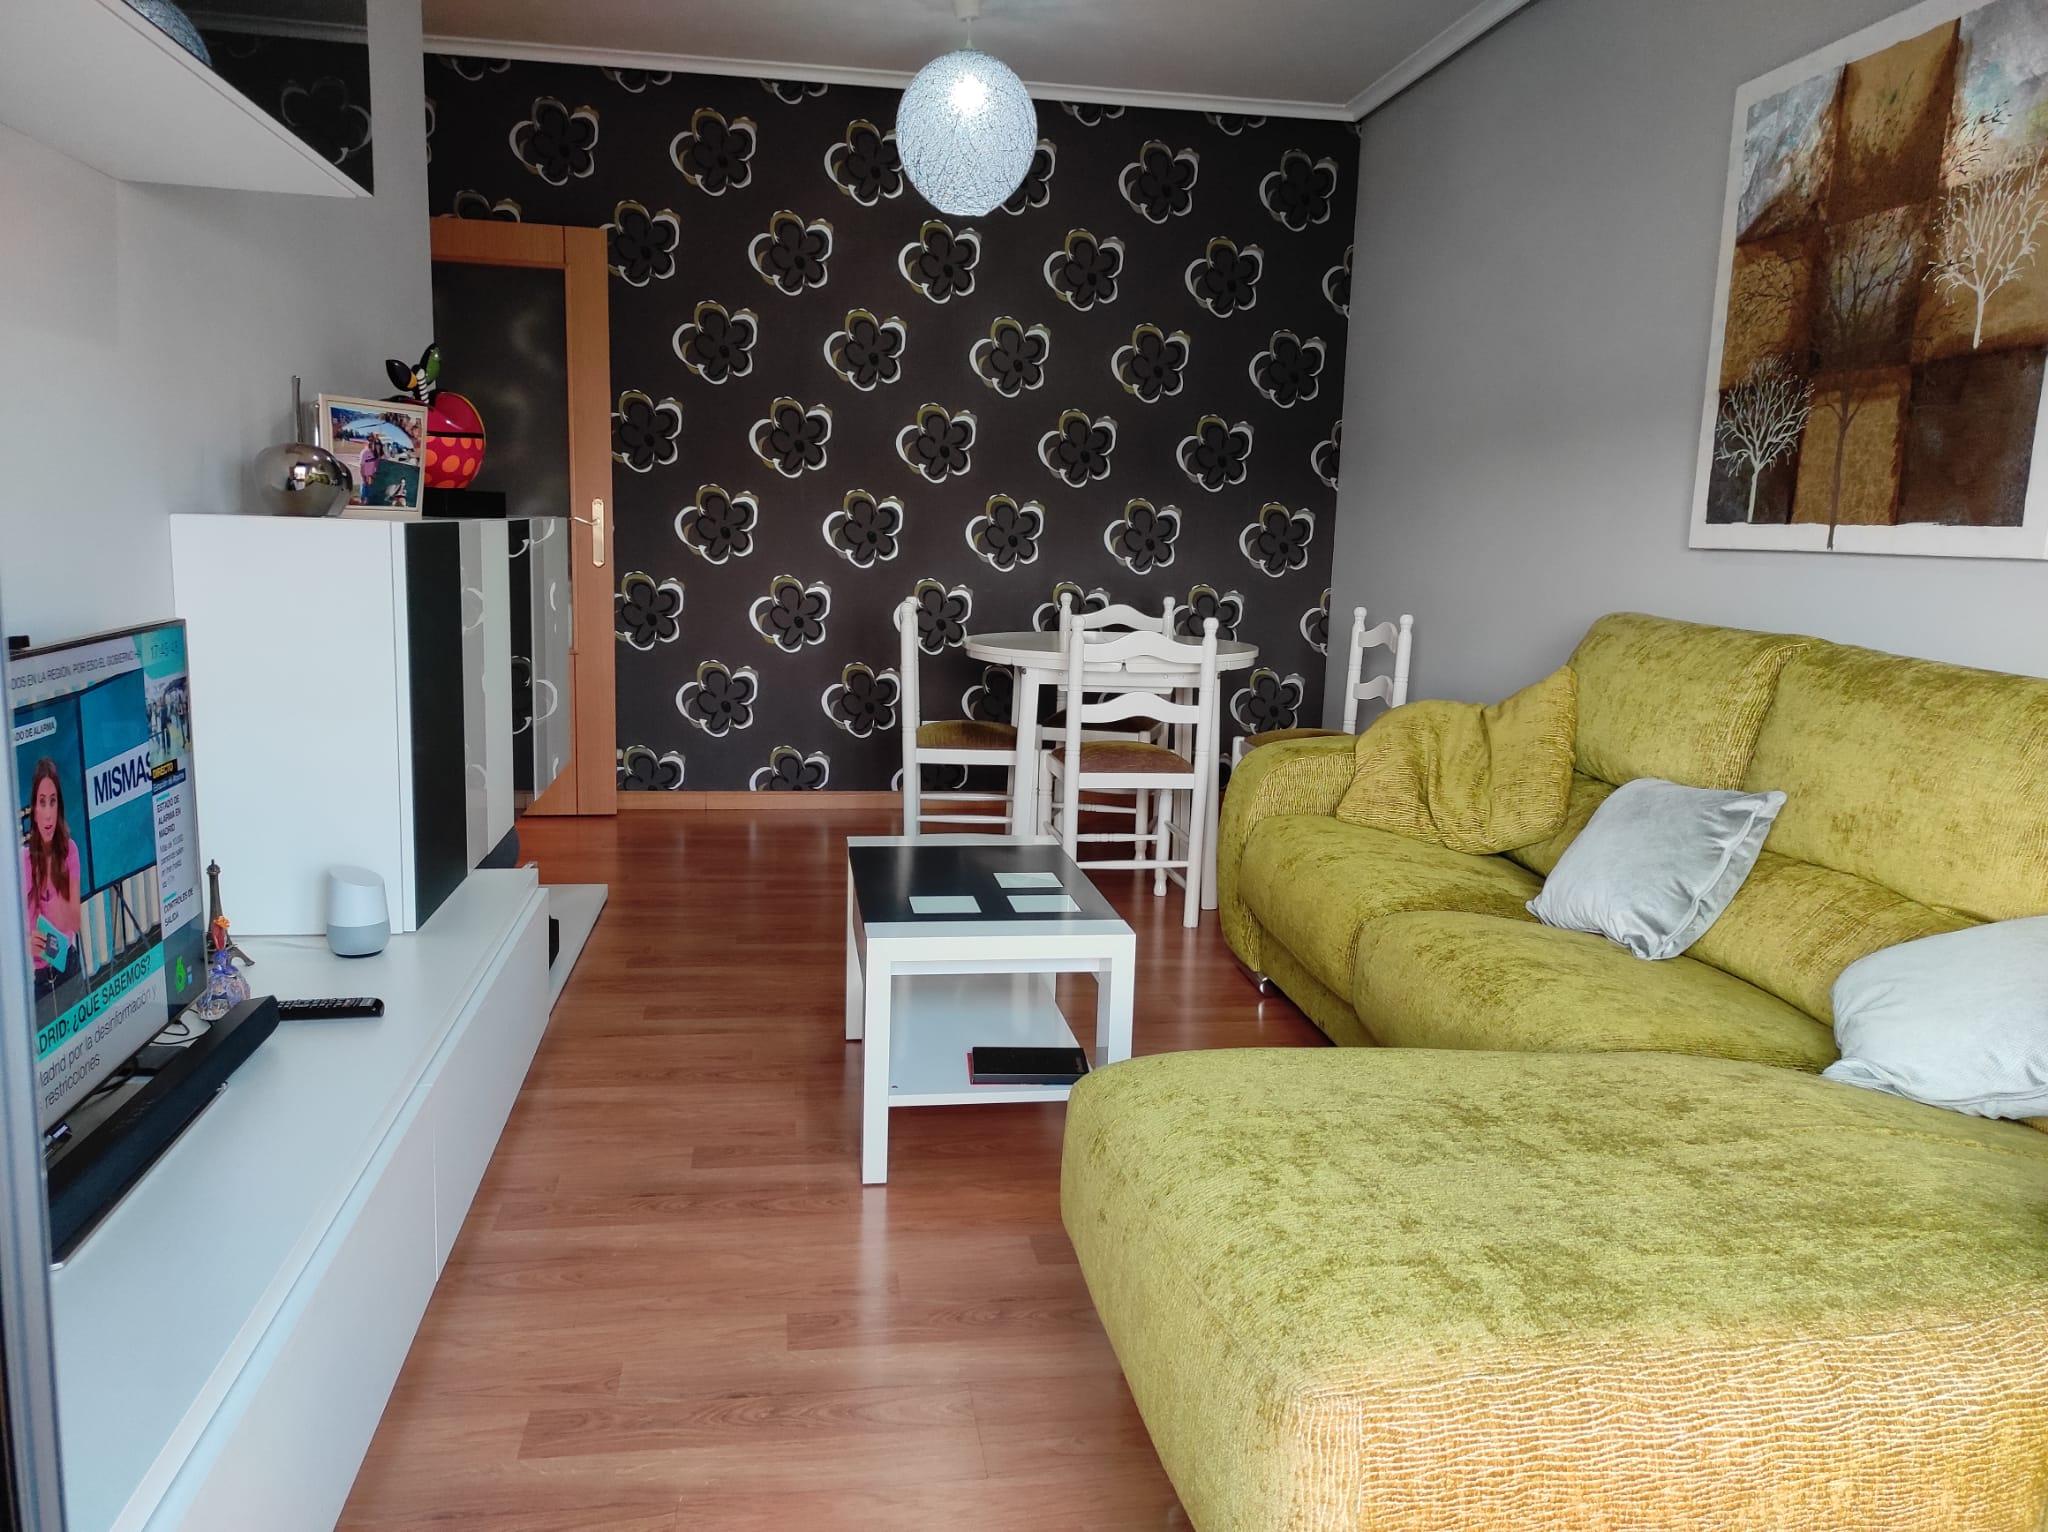 Imagen 1 de Apartamento nuevo en Avenida De Burgos